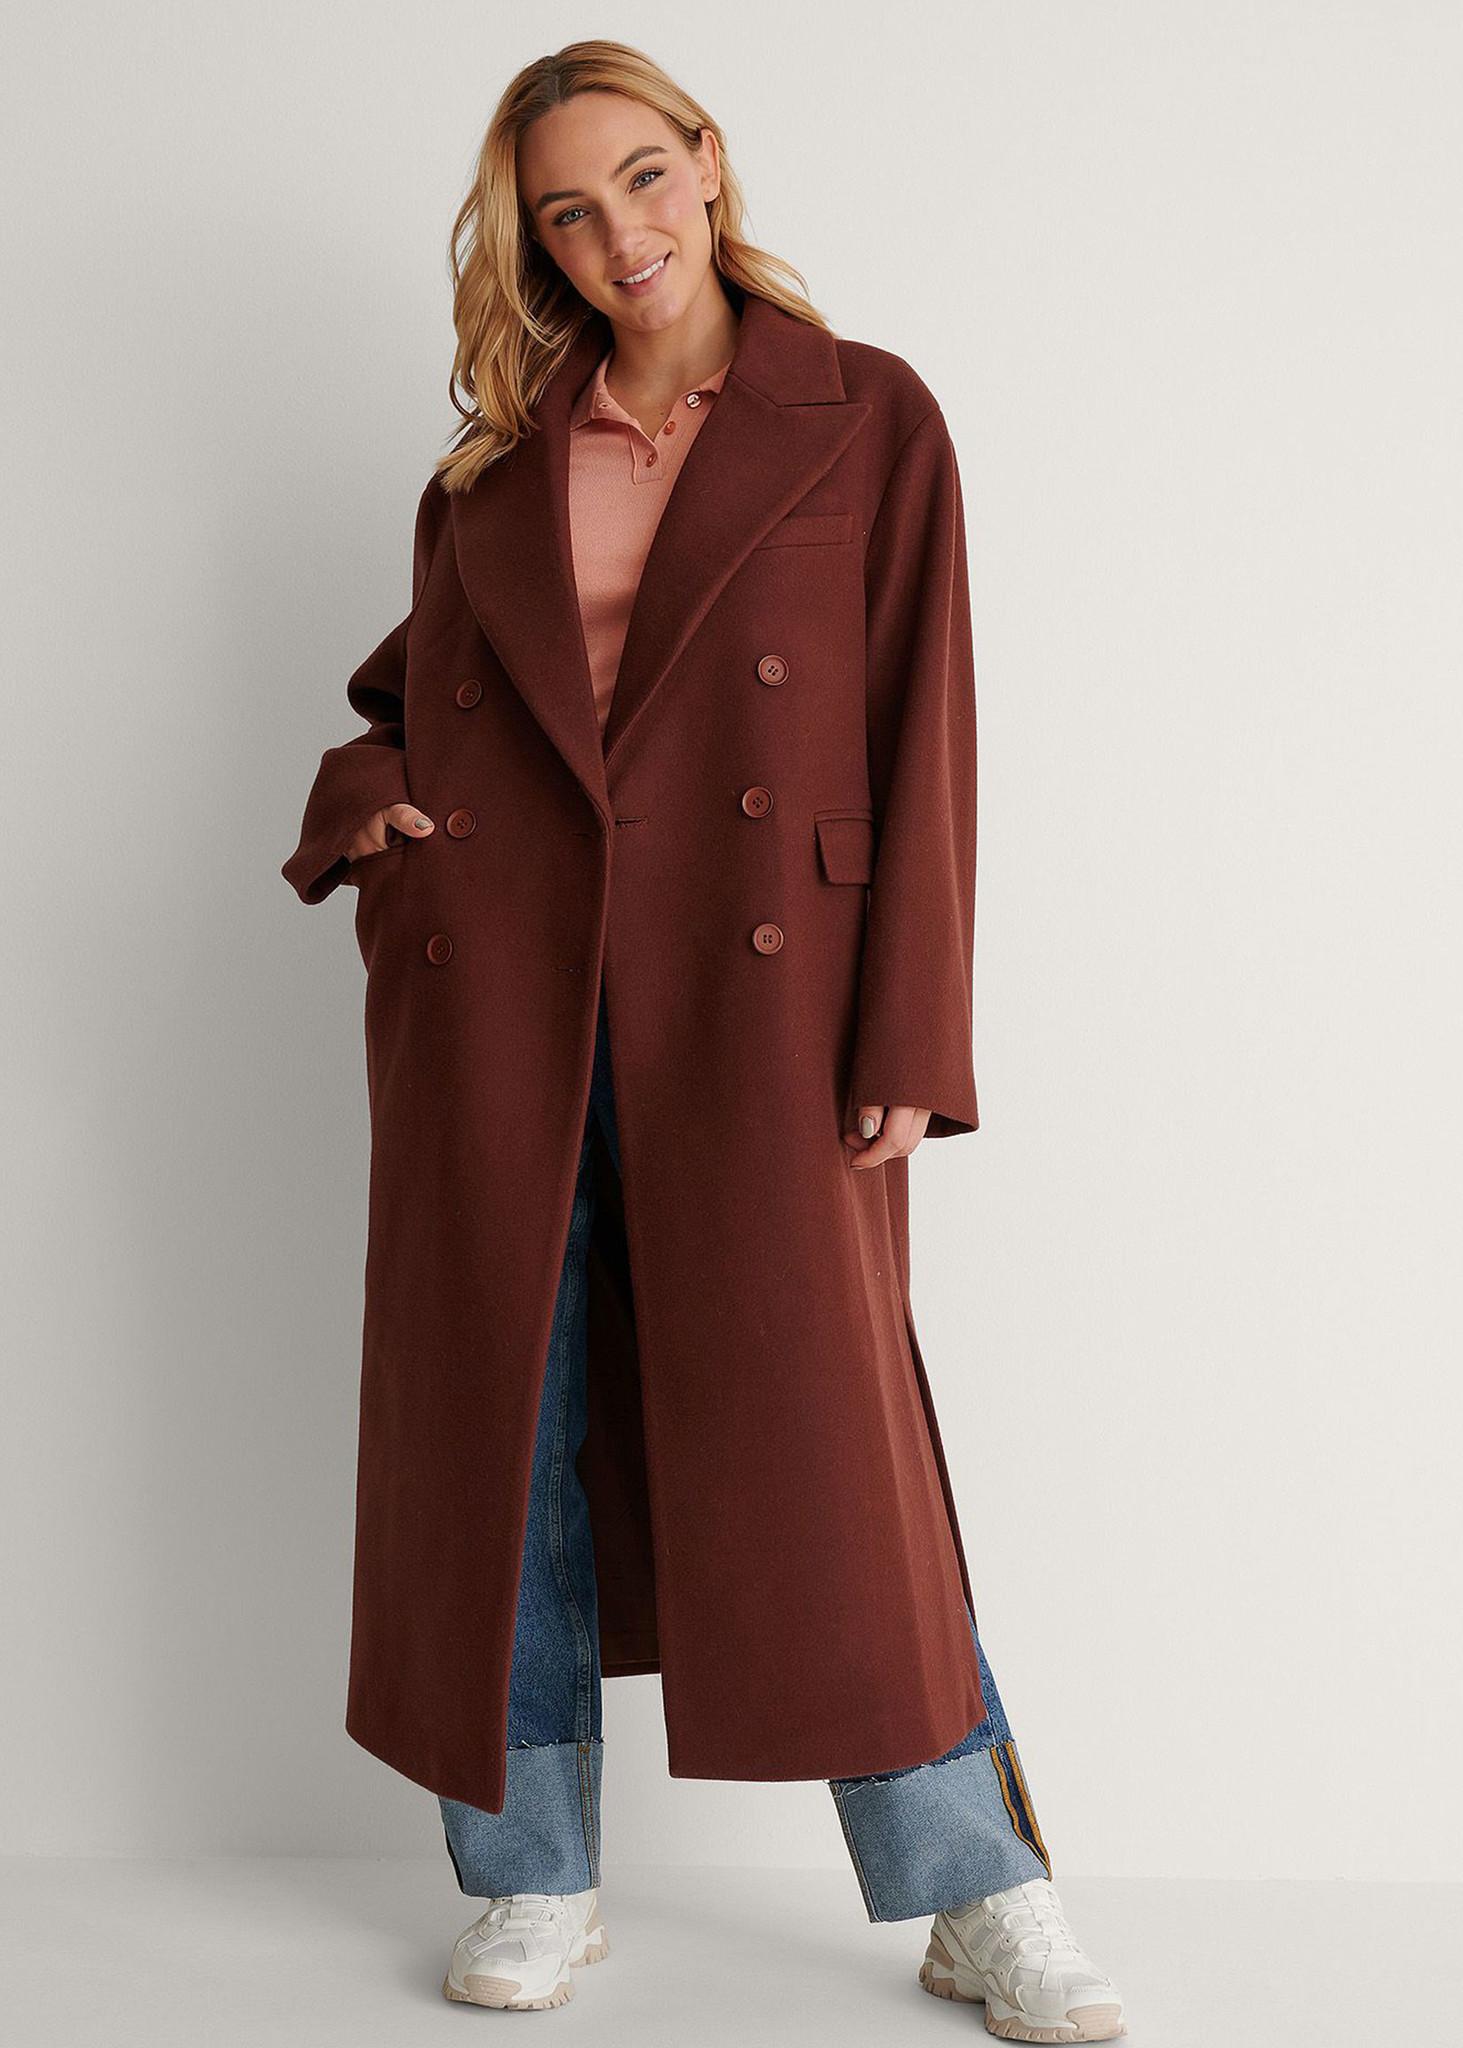 Oversized Side Slit Coat Brown-1